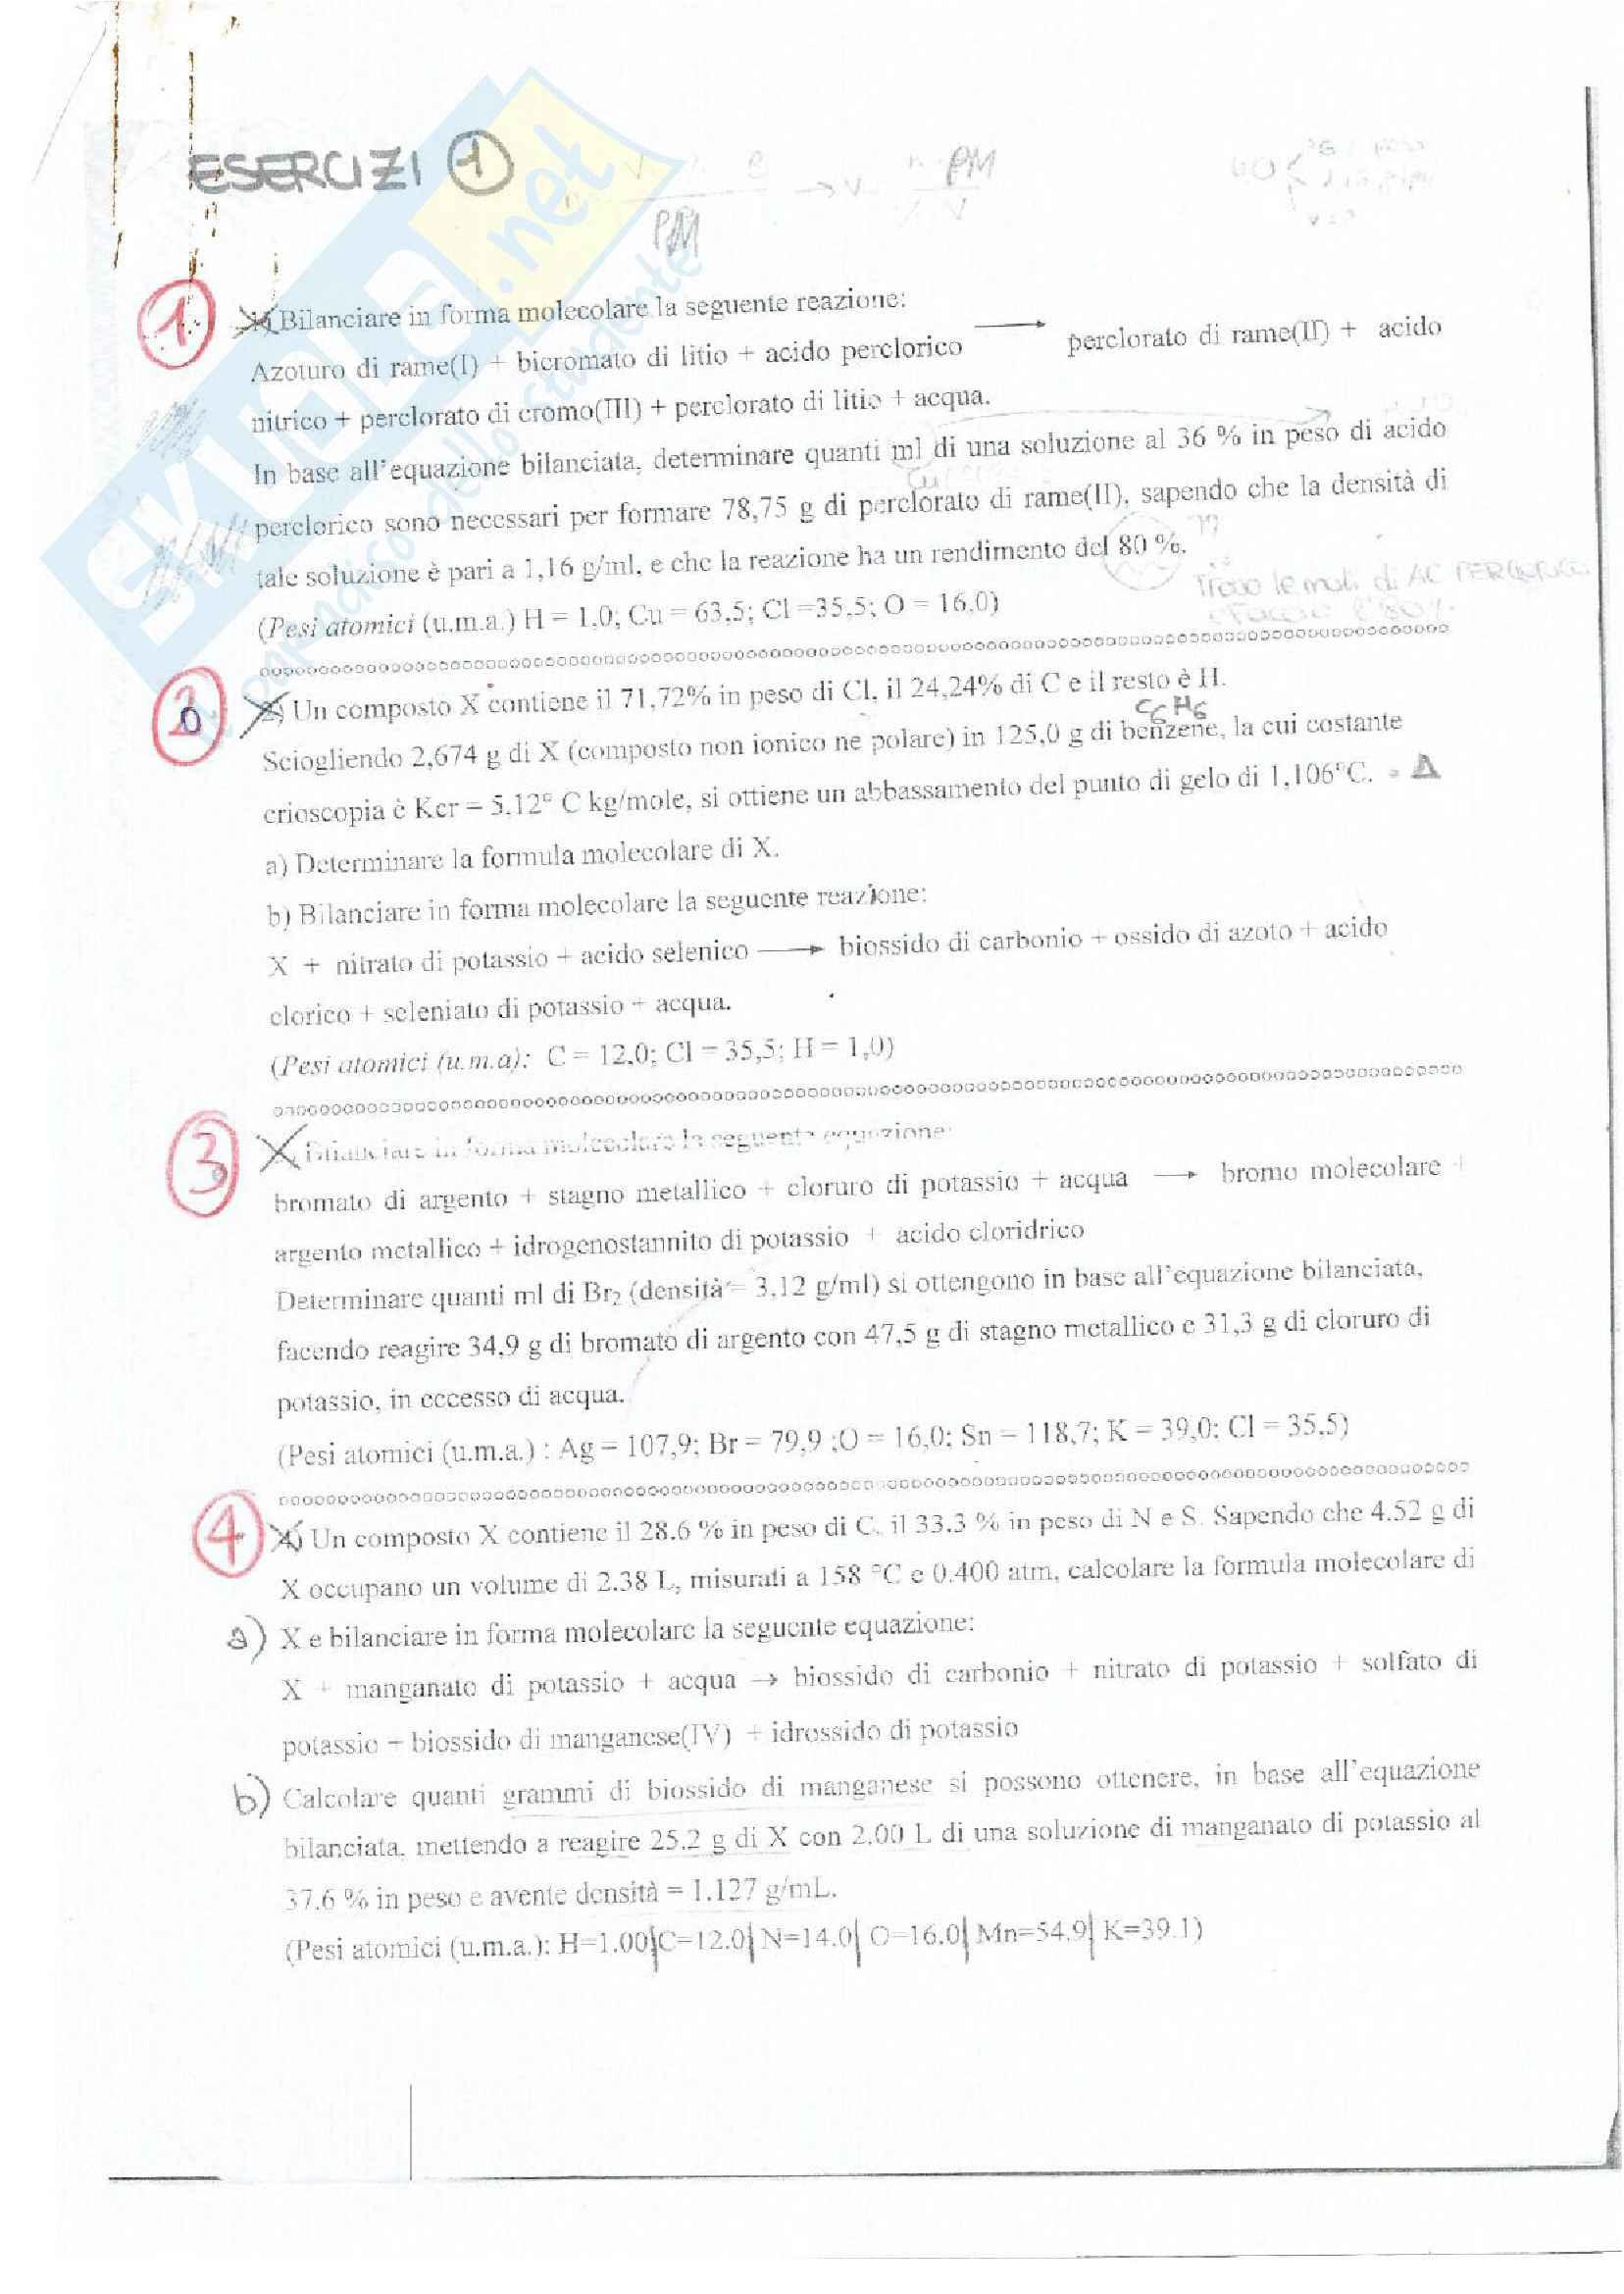 Esercizi d'esame svolti (anni precedenti) di chimica inorganica e generale , divisi per argomenti. Ctf e Farmacia. prof Fornarini